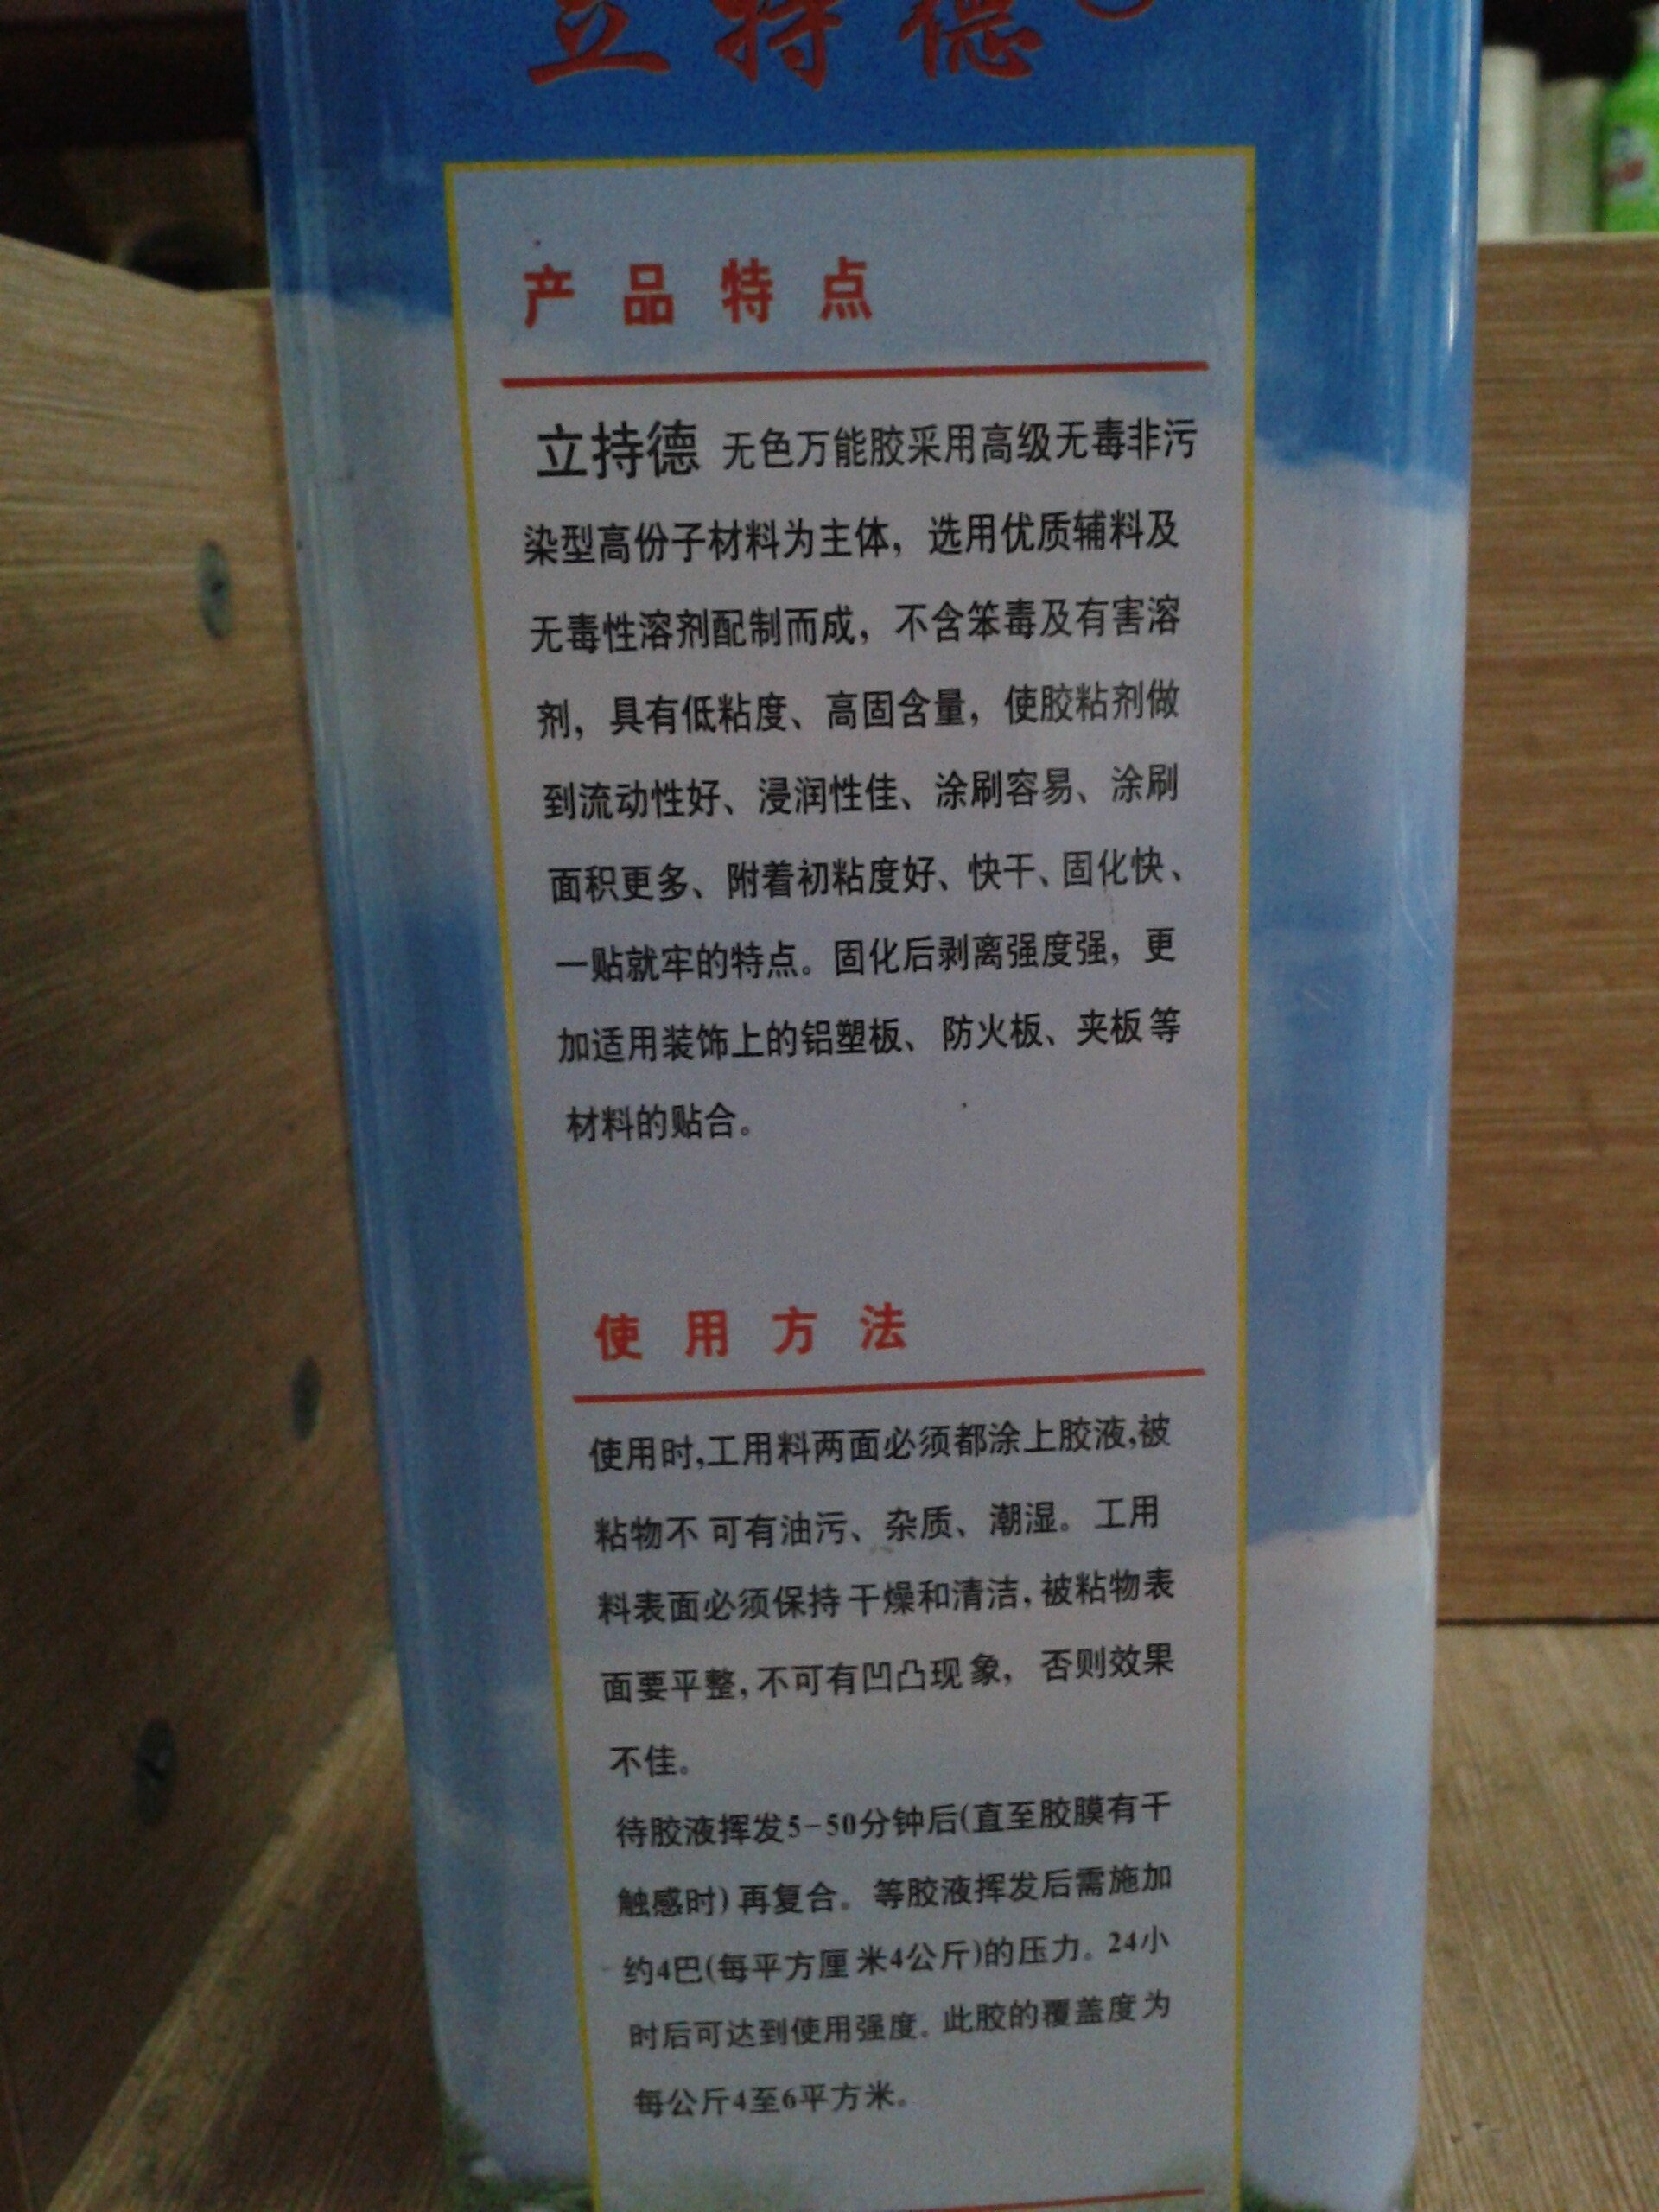 универсальный клей вертикальный холдинг де окружающей среды универсальный клей деревообрабатывающий пластины, алюминиевые пластины специальный клей клей 1.8l декоративные тарелки